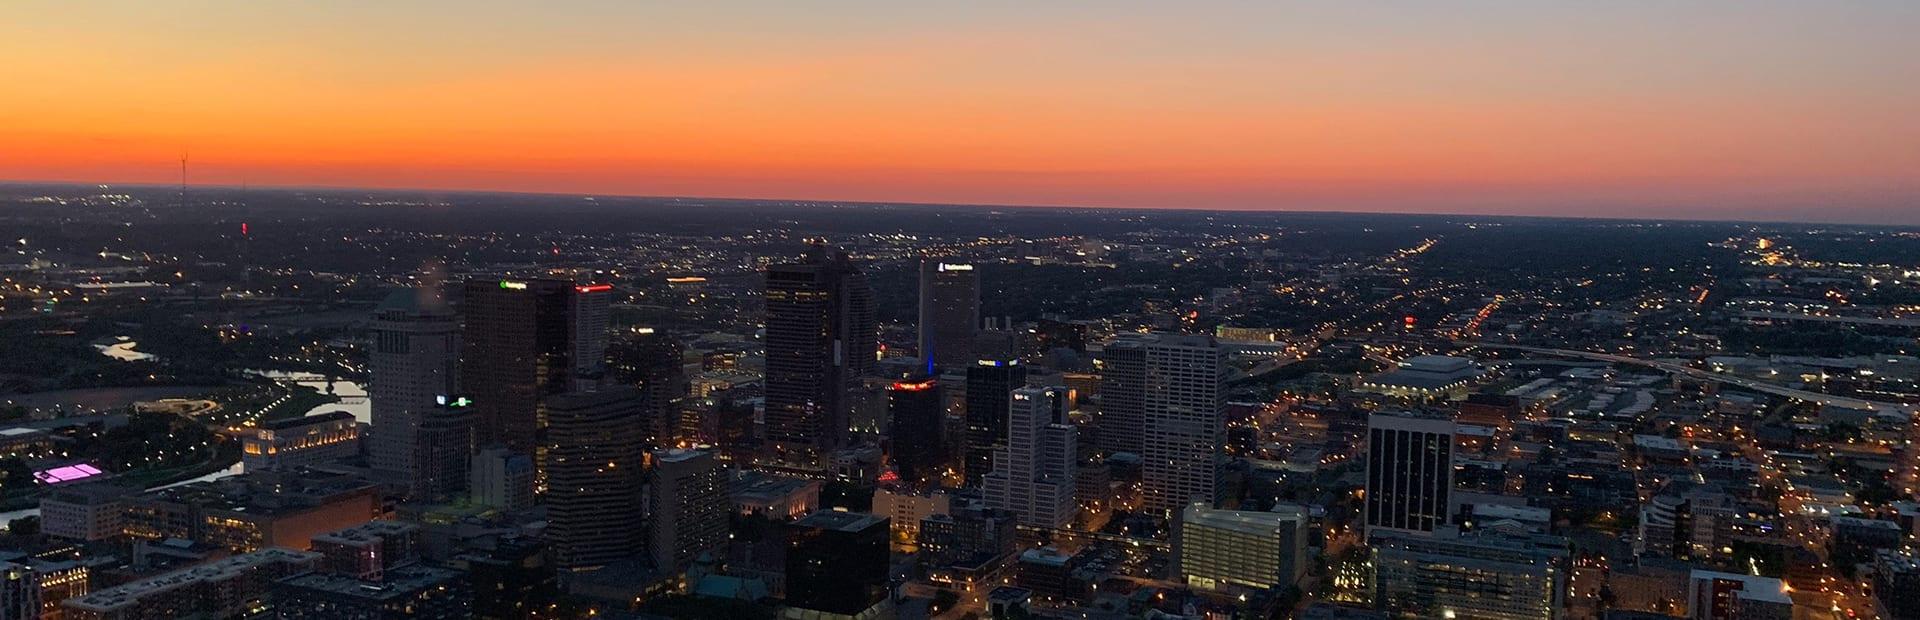 Aerial shot of Columbus, Ohio at dusk